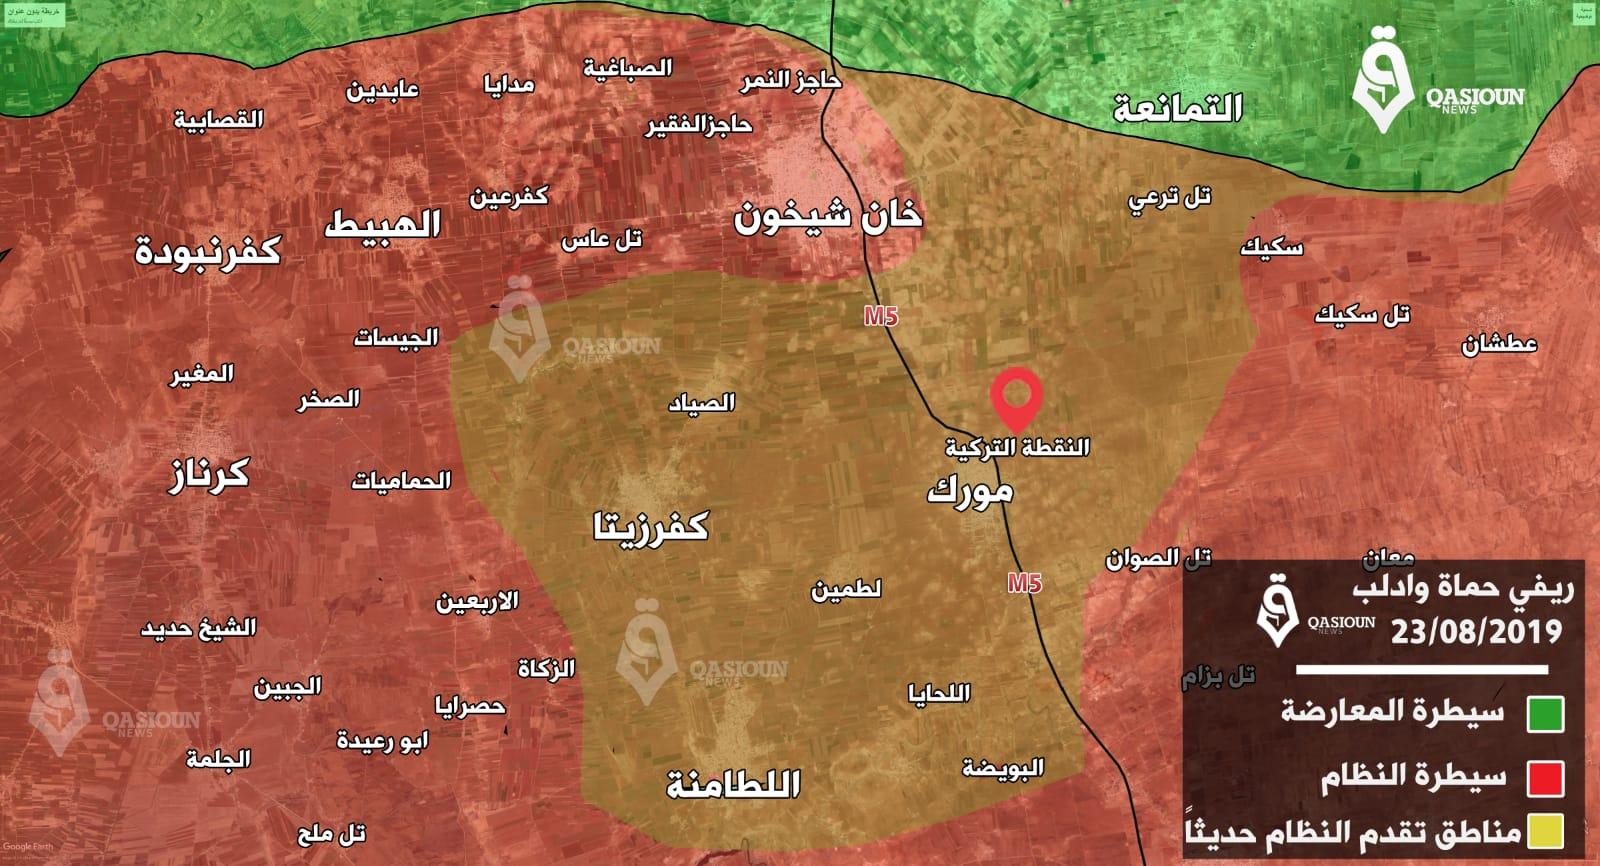 الرئاسة التركية تنشر خرائطاً توضح توزع القوى في إدلب وعموم سوريا